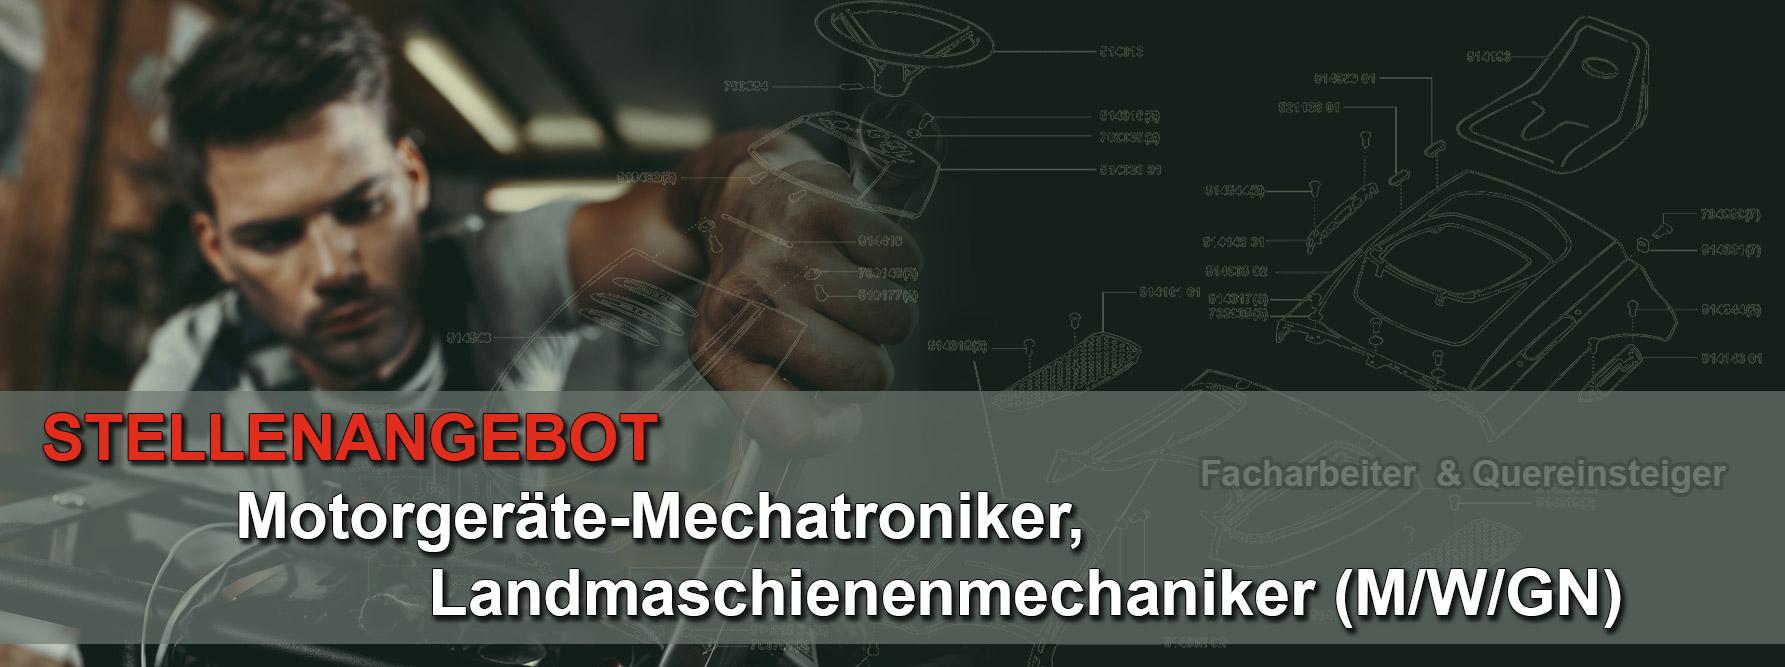 Stellenanzeige - Karriere als Motorgeräte-Mechatroniker oder Landmaschinenmechaniker